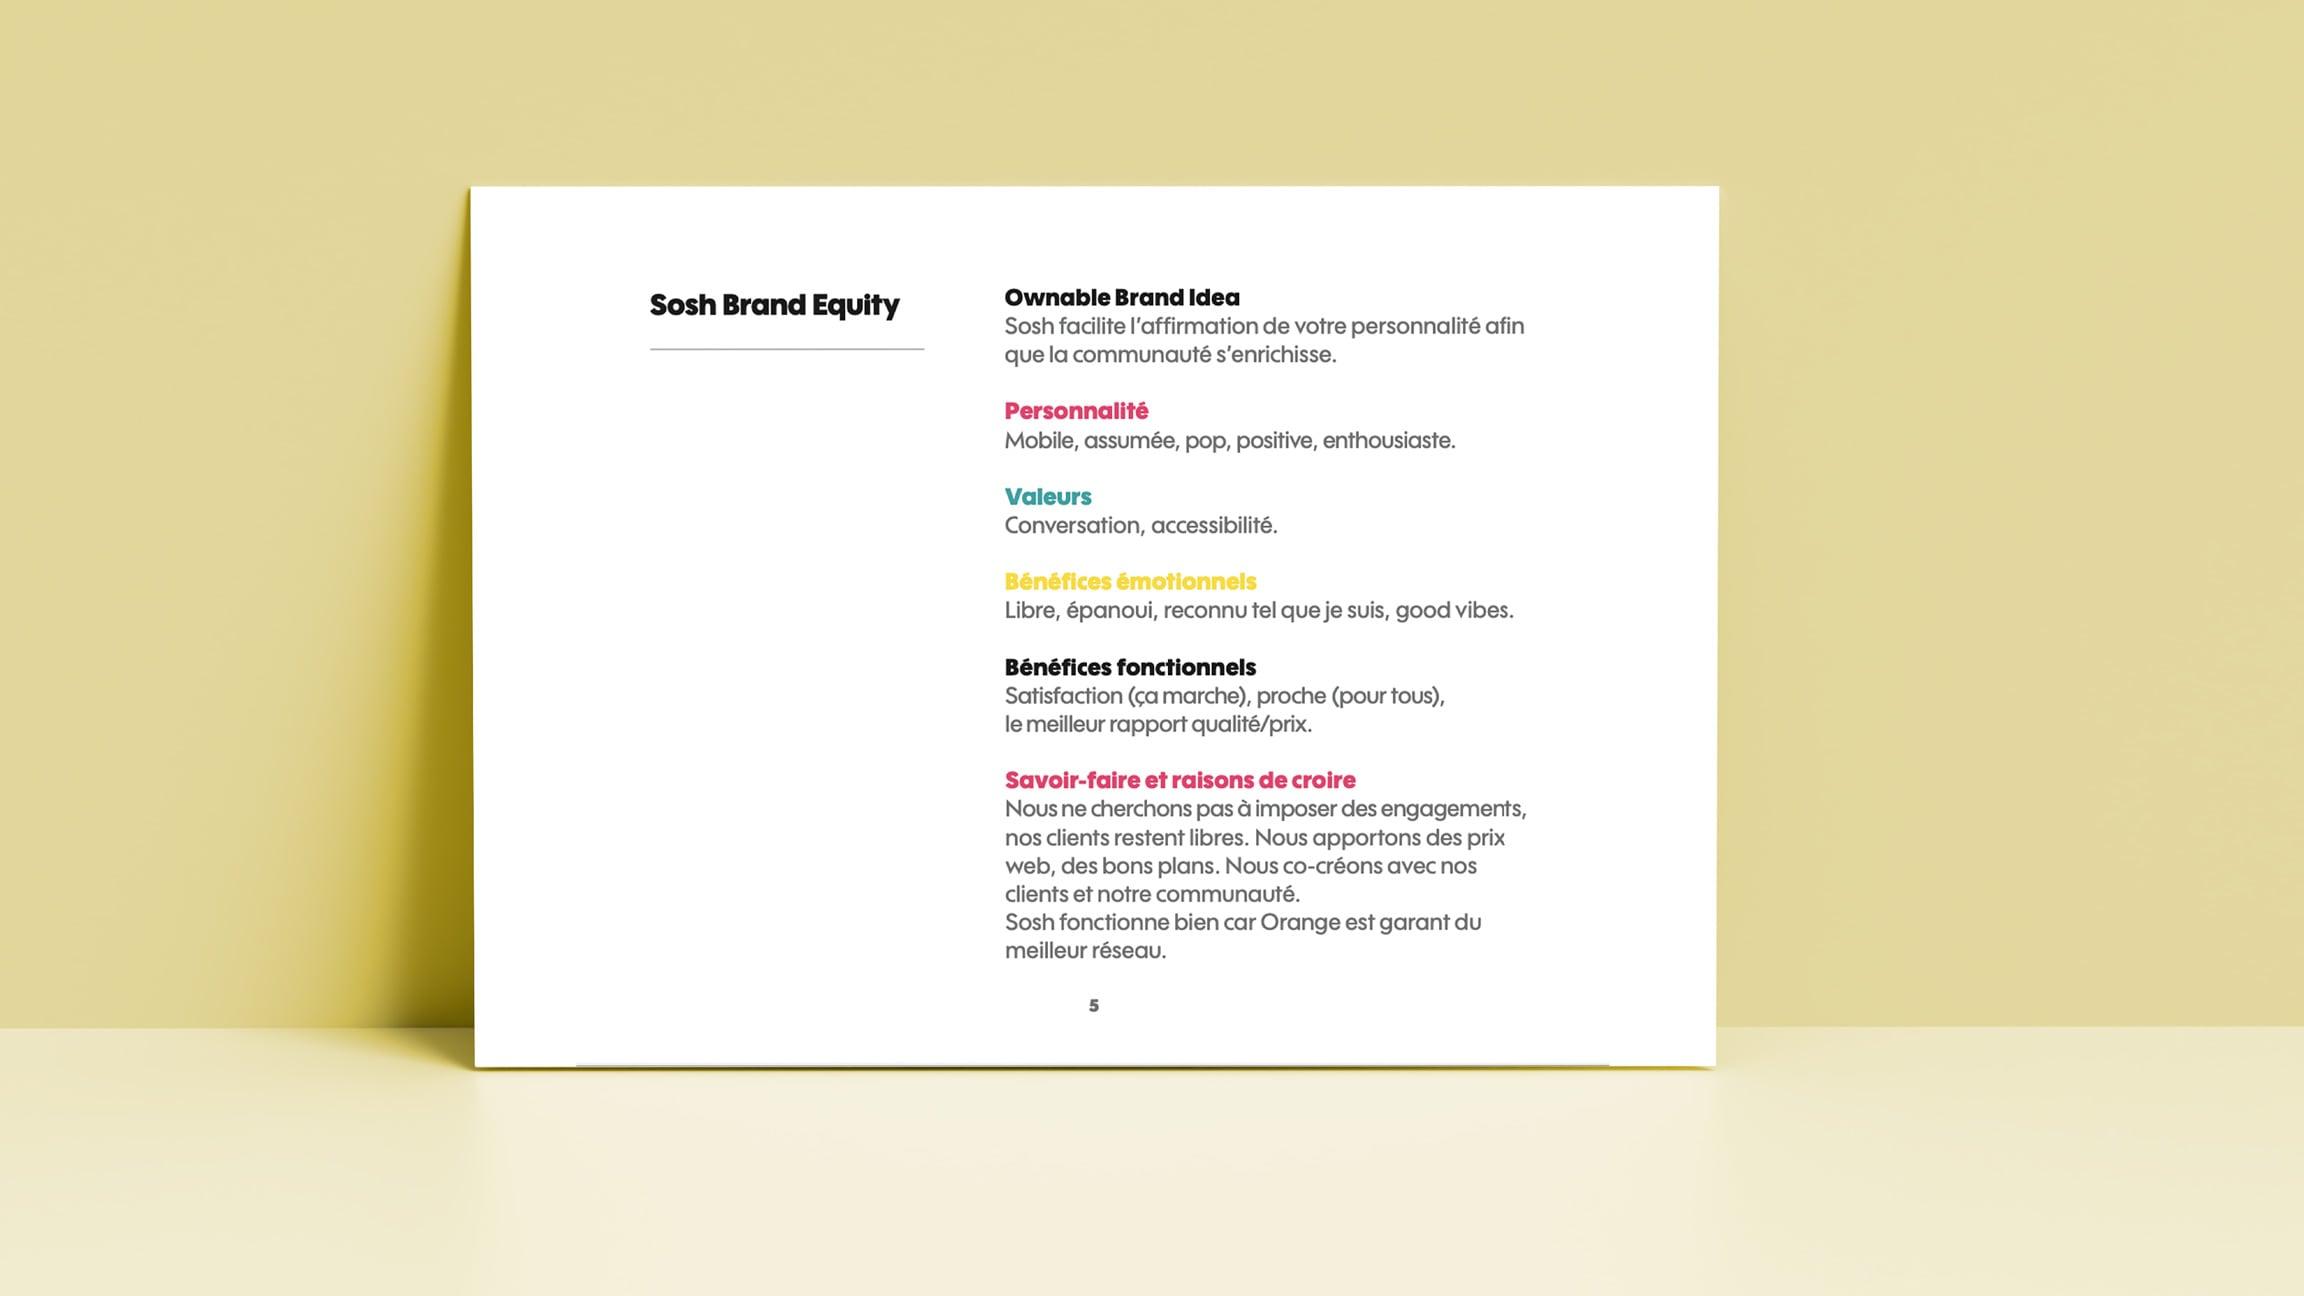 Visuel d'une charte graphique permettant d'avoir une image de marque et une stratégie pour se faire connaitre de ses clients et obtenir des leads